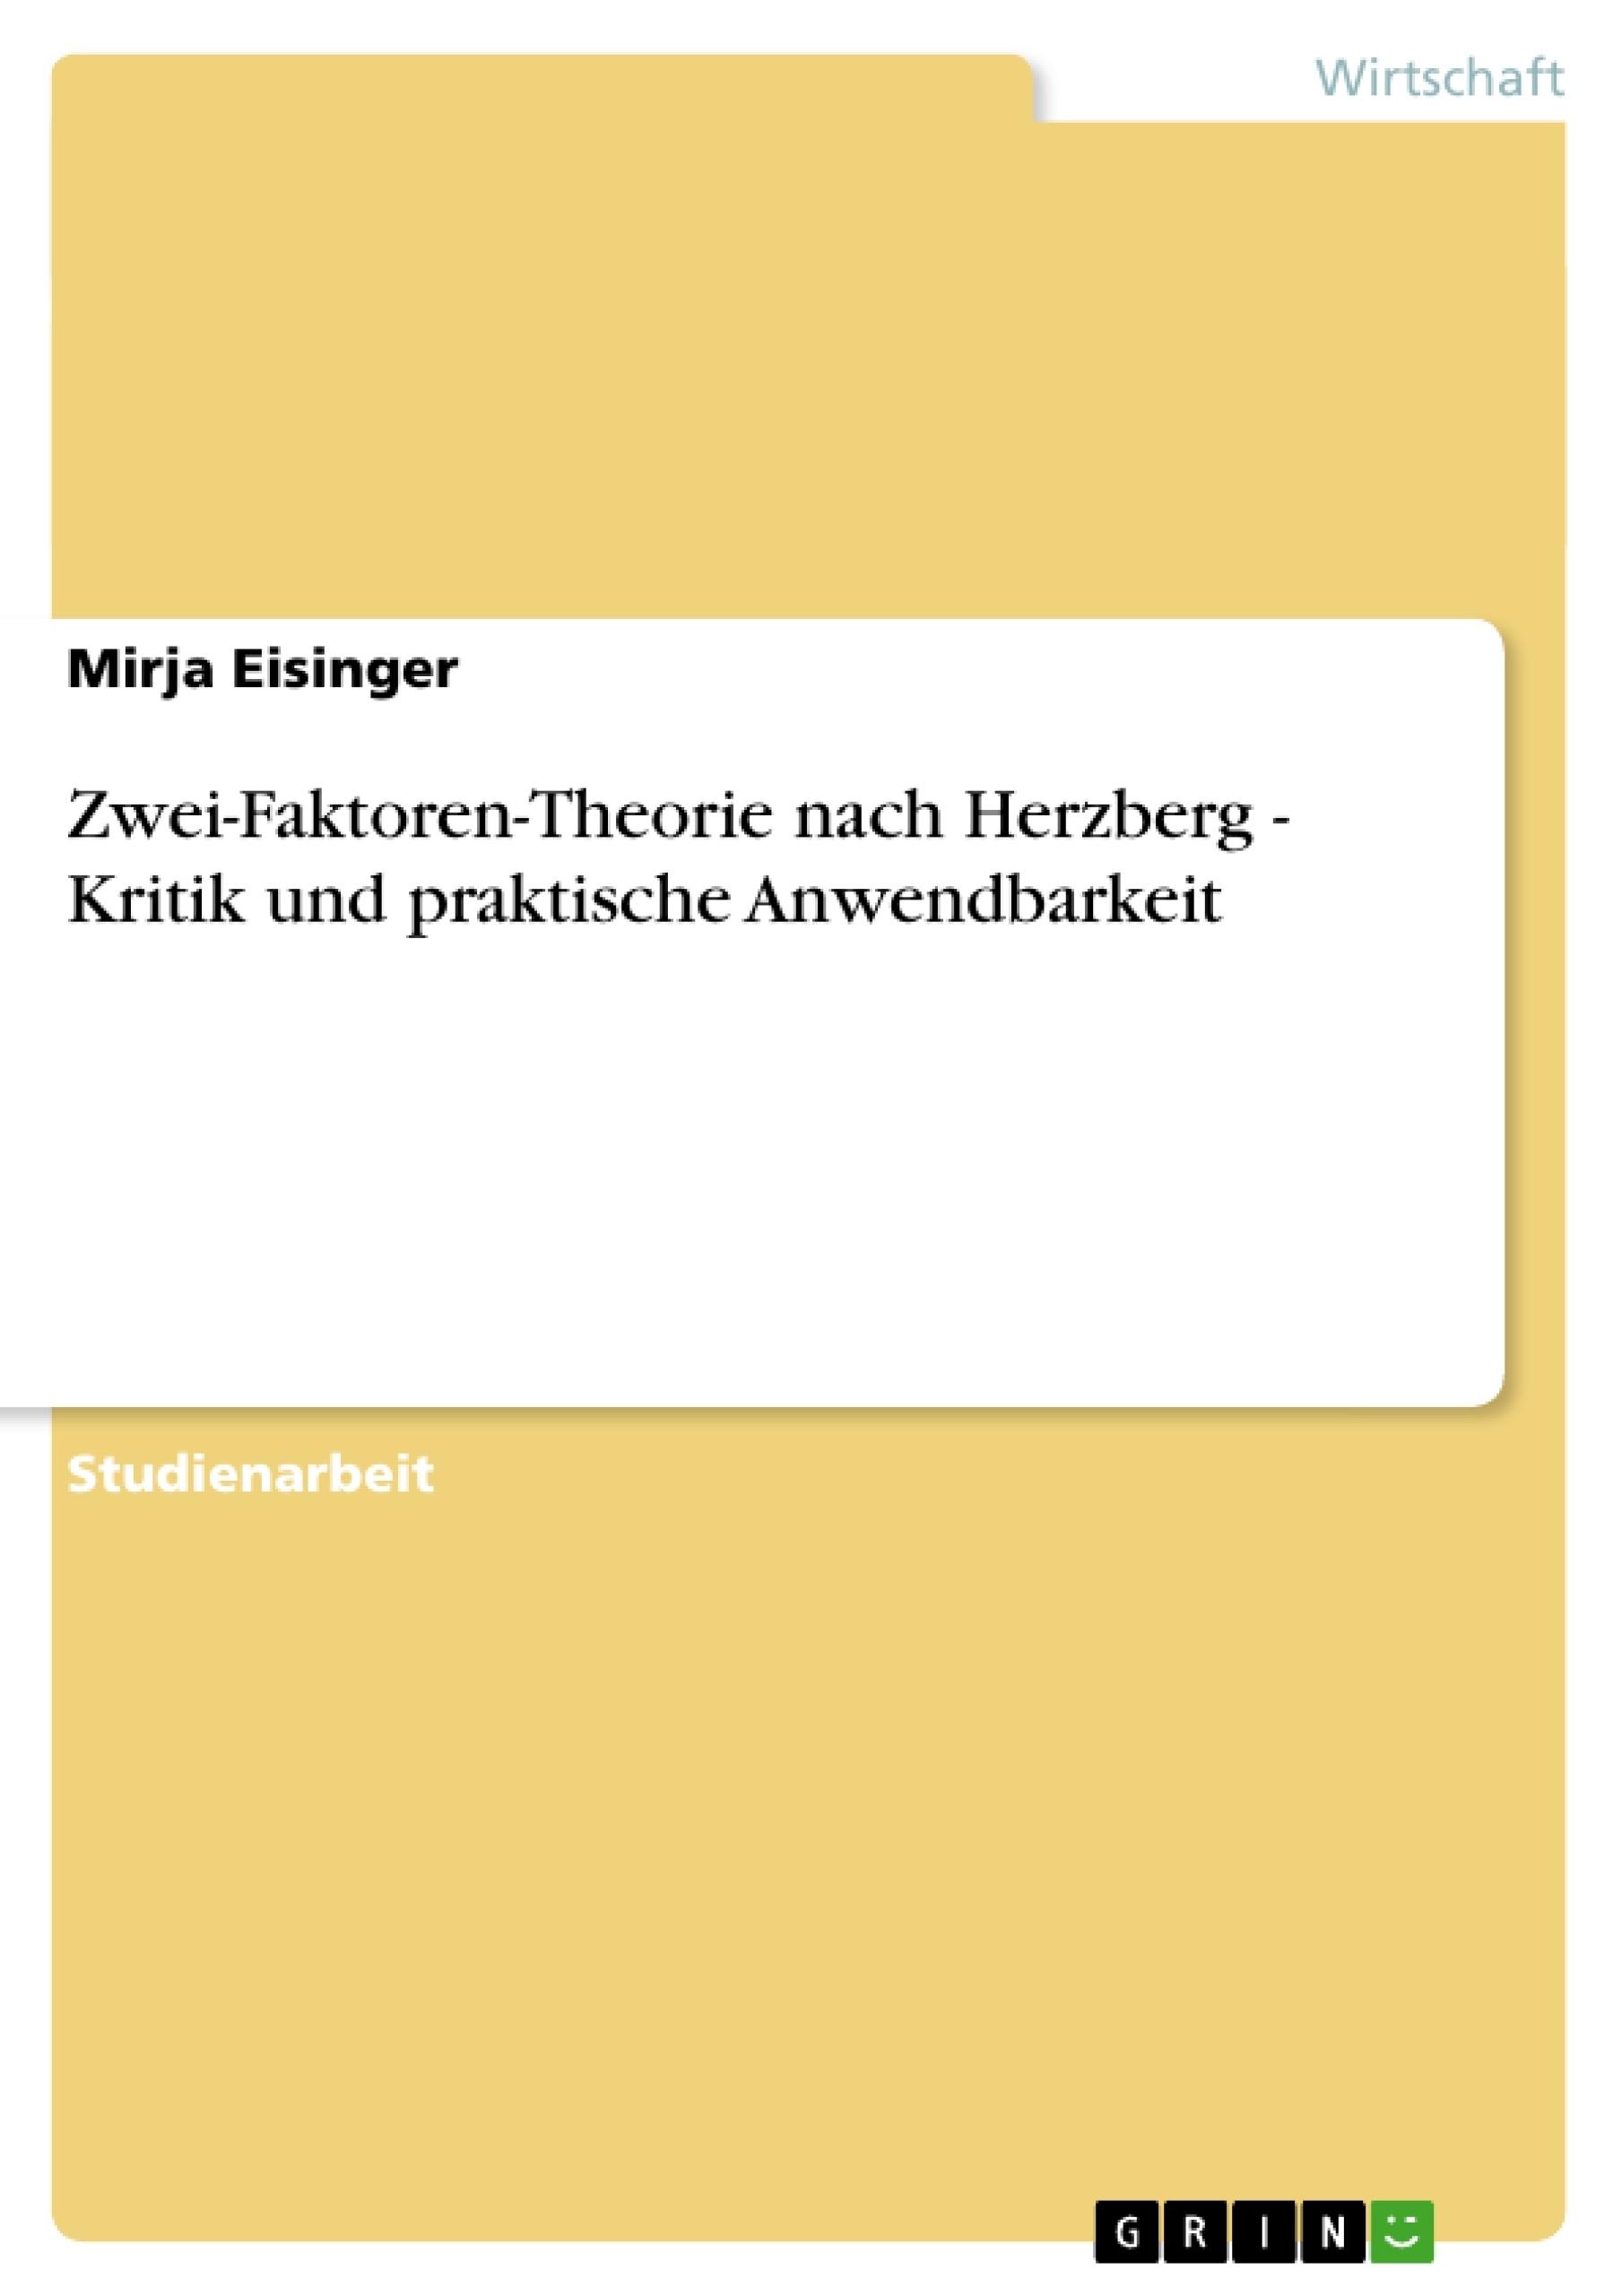 Titel: Zwei-Faktoren-Theorie nach Herzberg - Kritik und praktische Anwendbarkeit